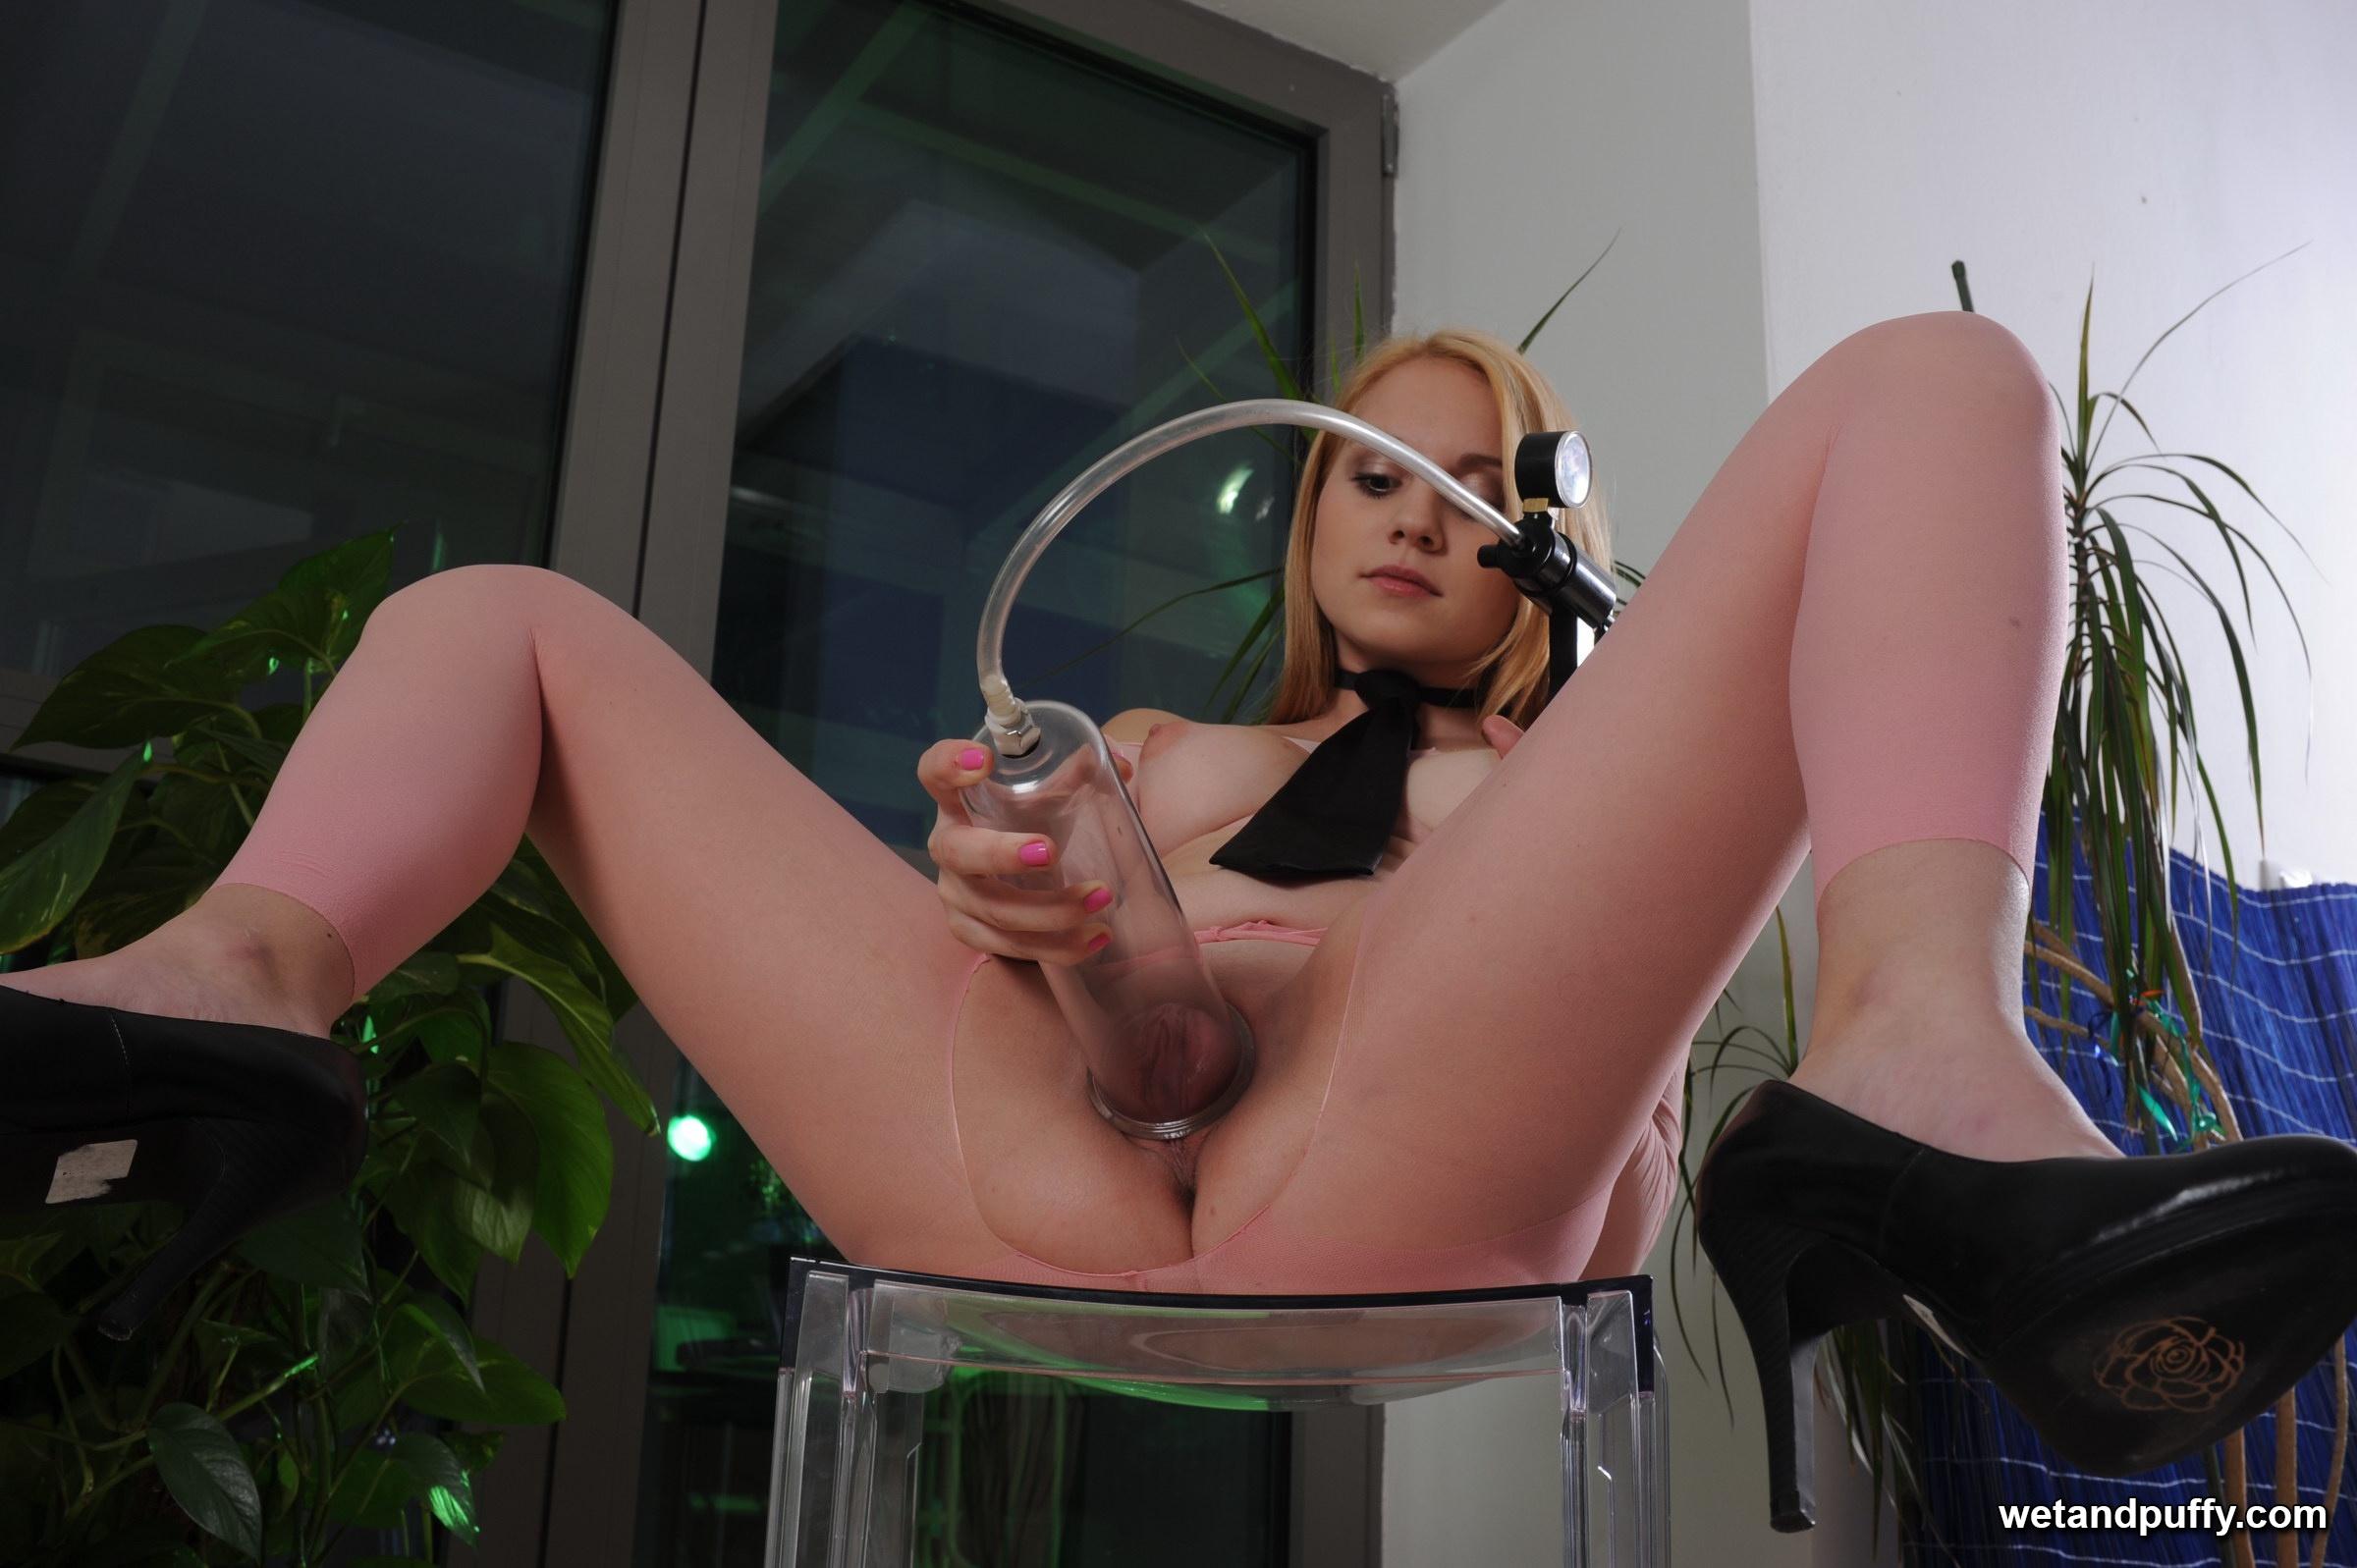 Jessica Neight Wetandpuffy.com – sexytube.vip